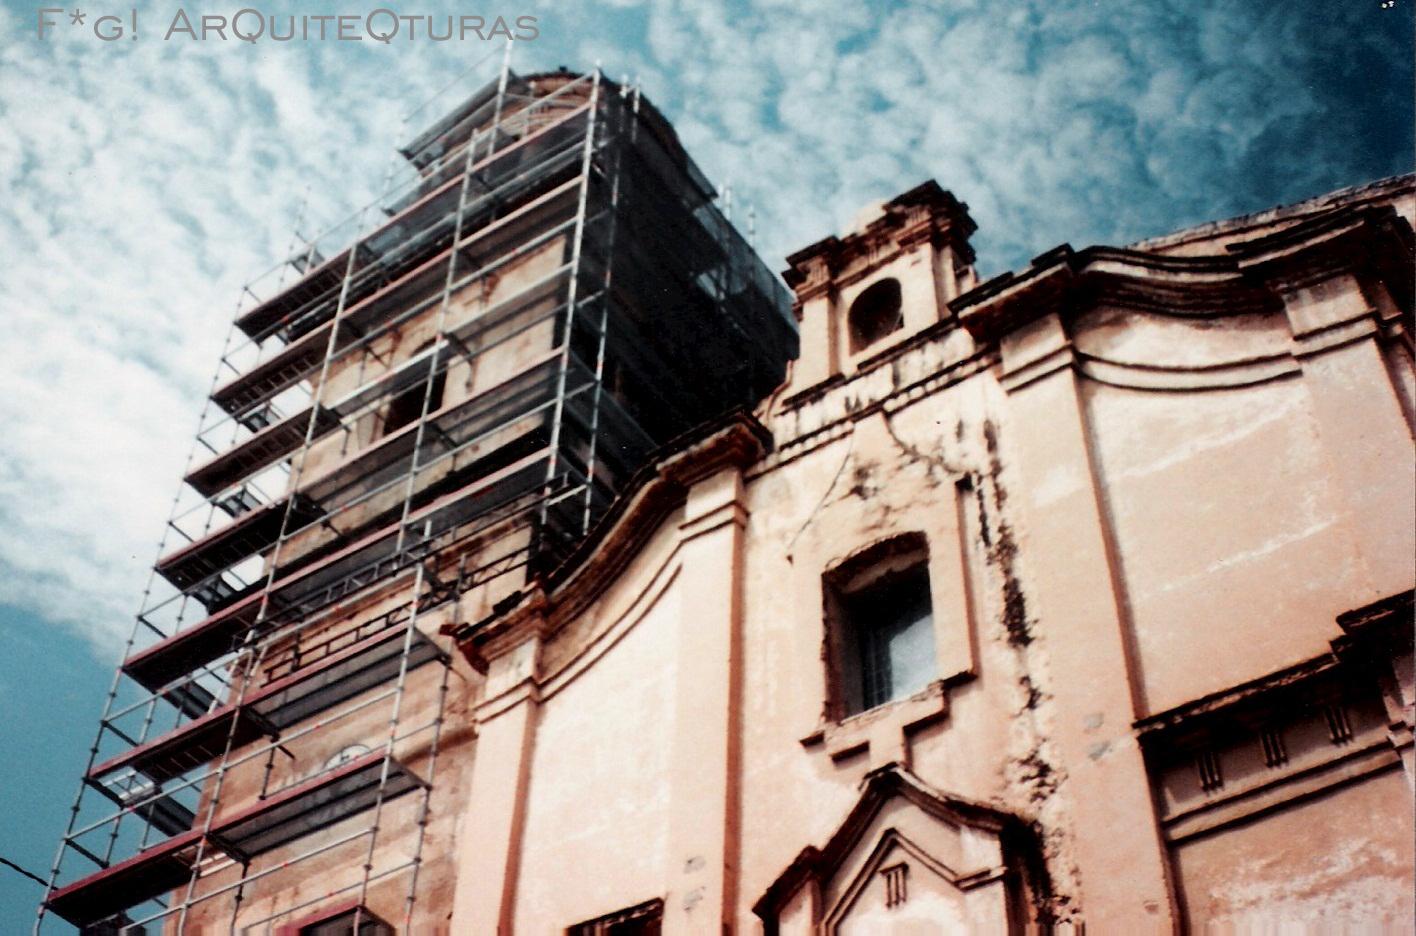 F G Arquitecta Valencia Enero 2012